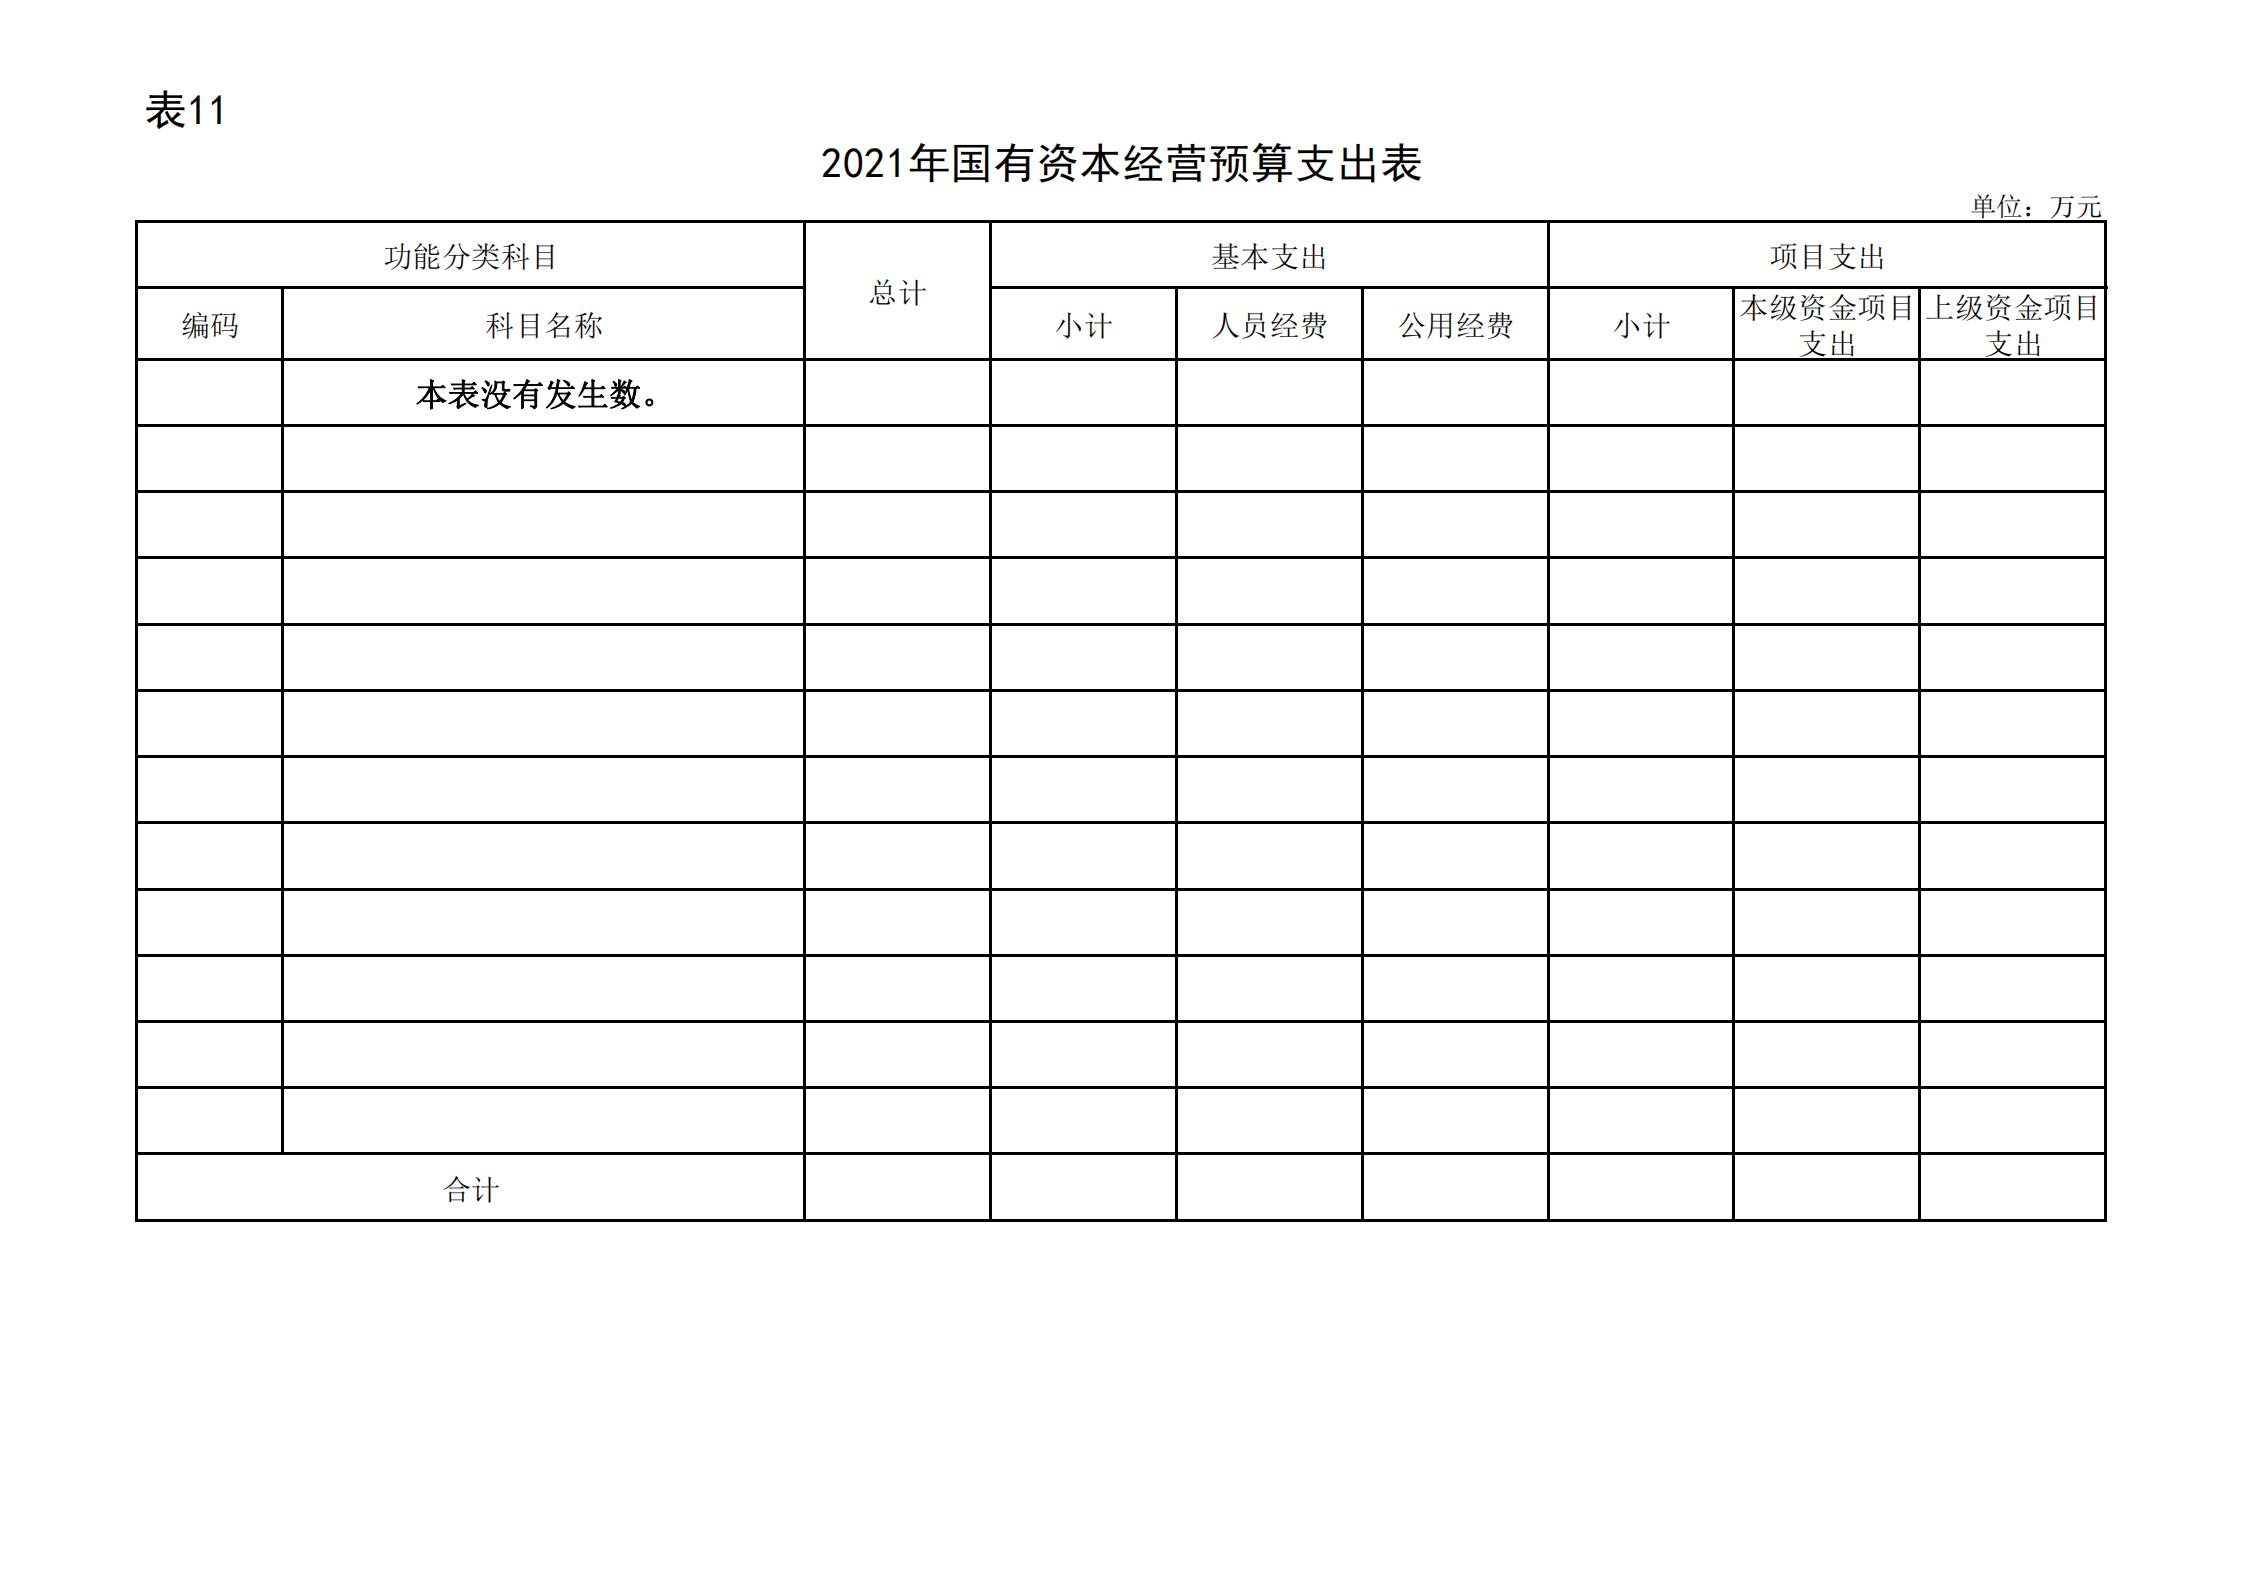 """共青团贵阳市委(本级)2021年度市级部门预算、""""三公""""经费预算公开说明(1)_24.png"""